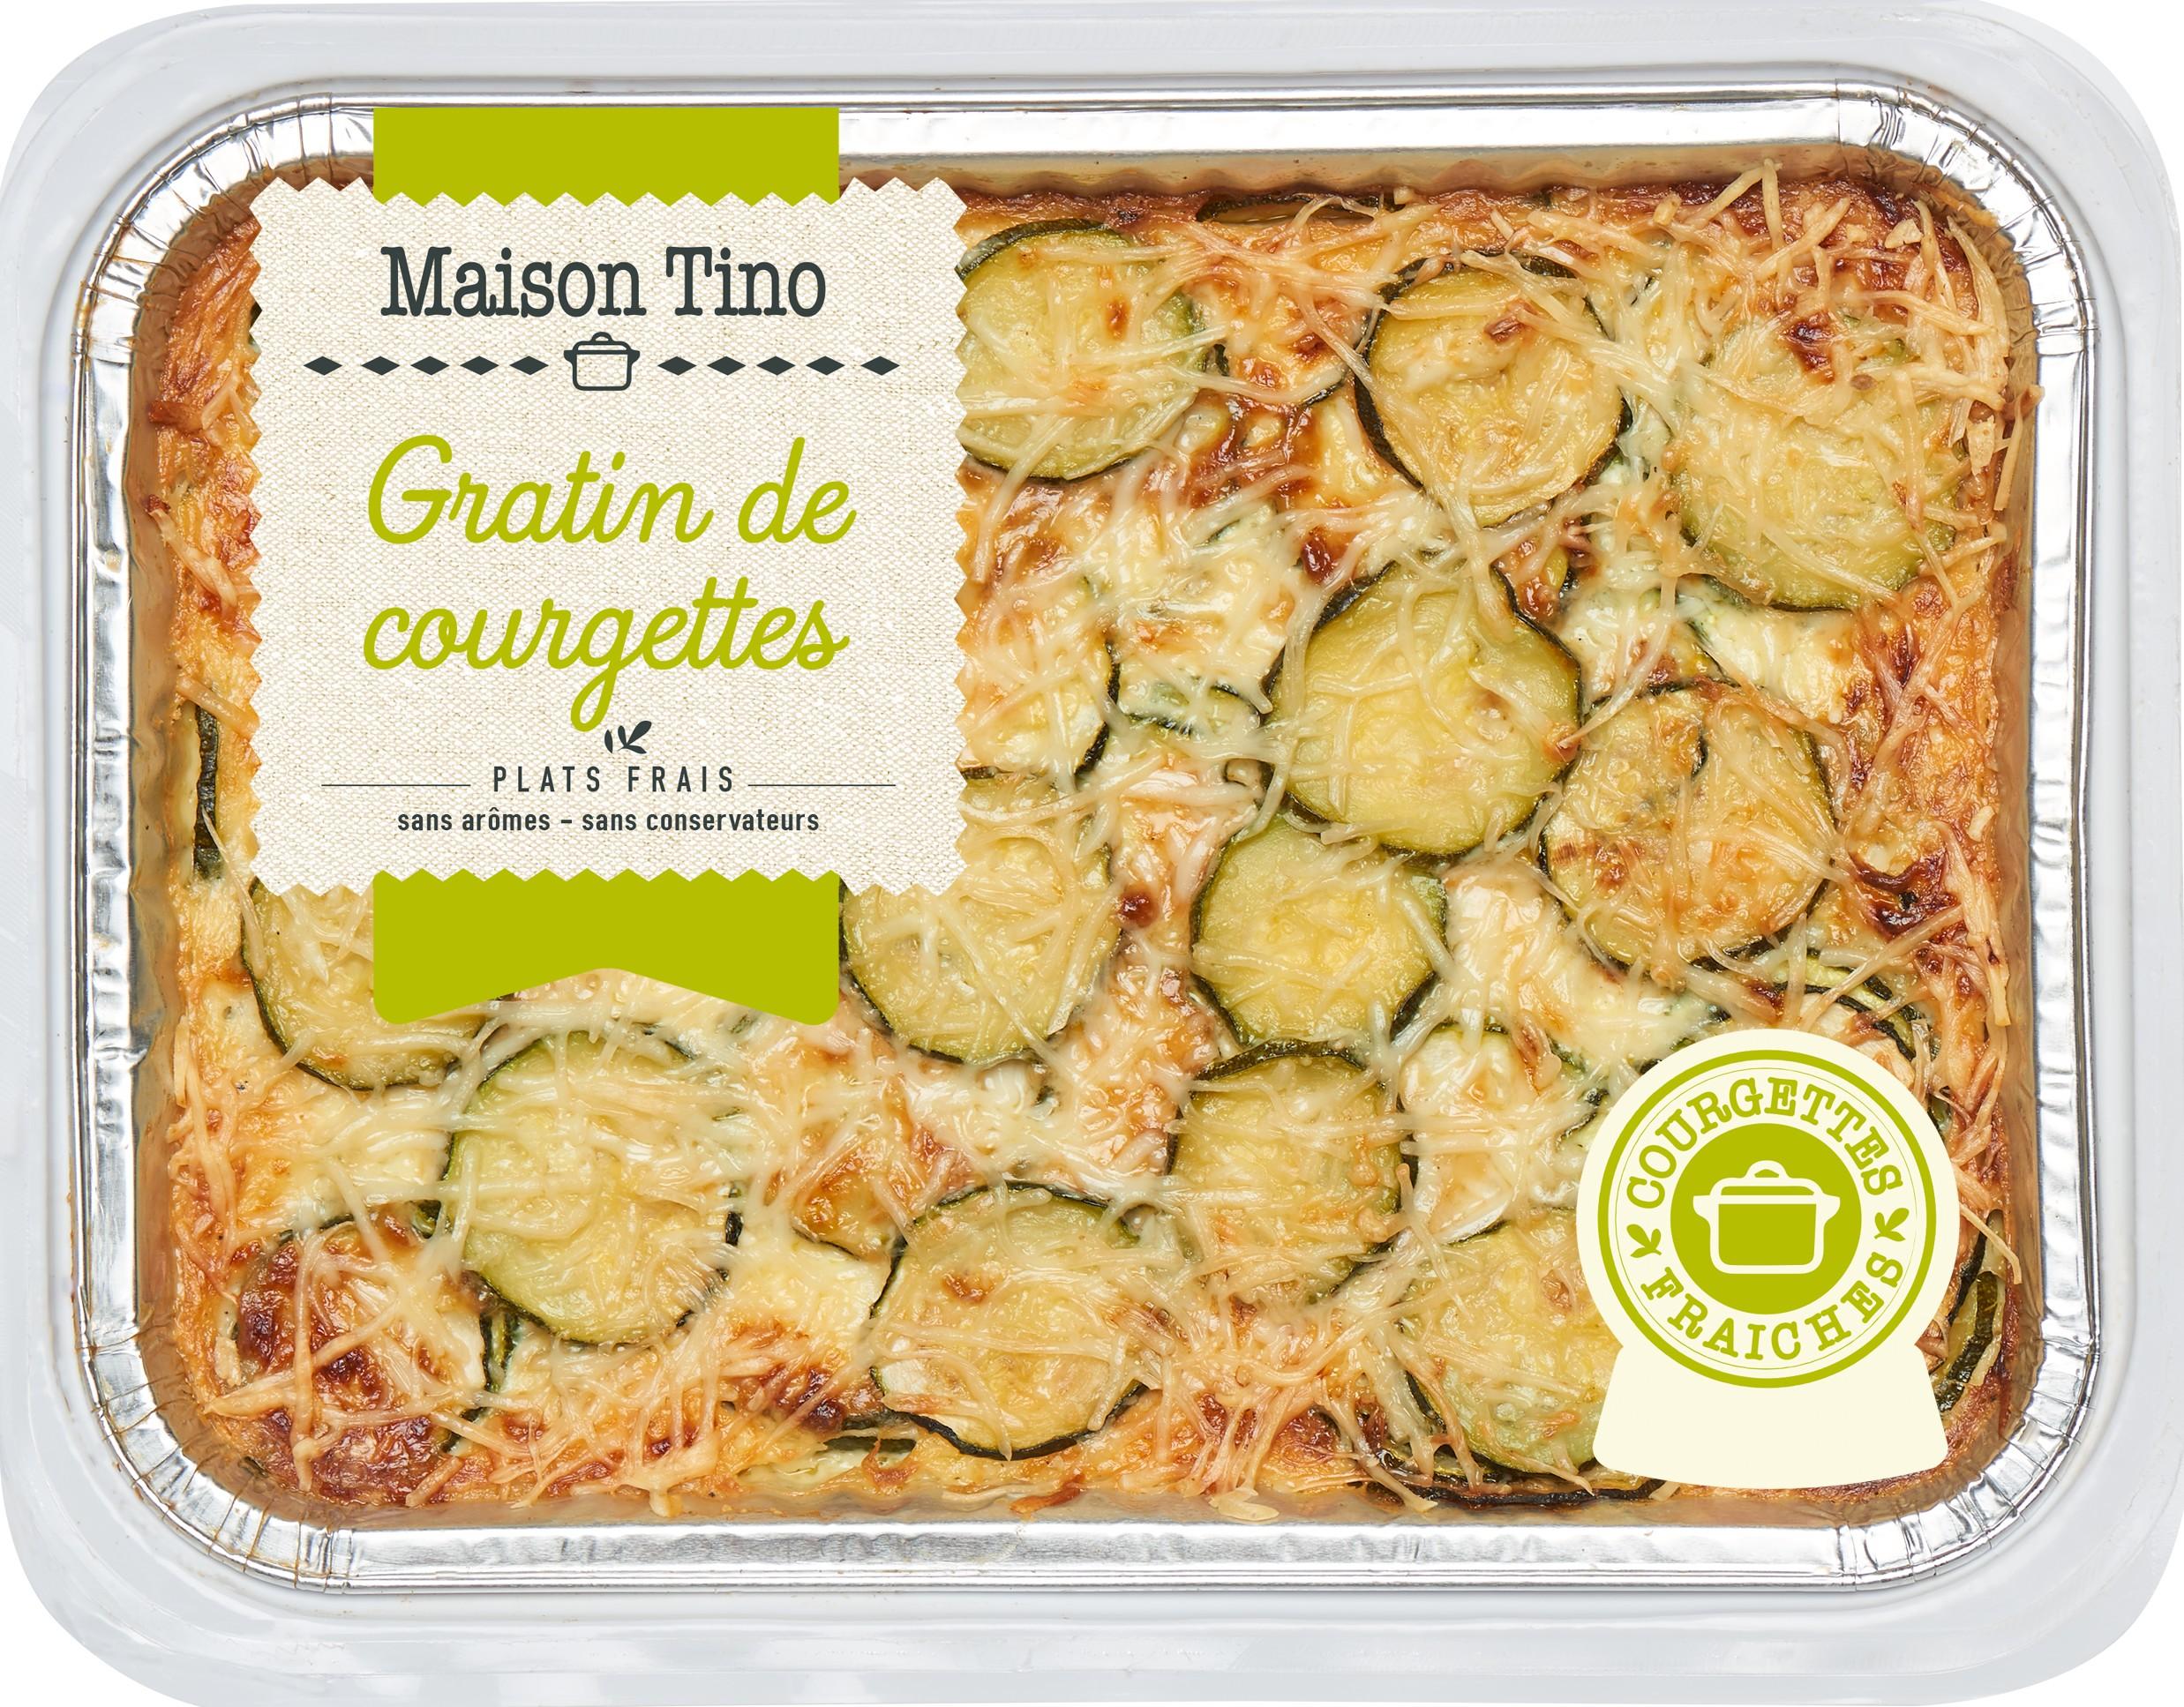 Gratin de Courgettes, Maison Tino (550 g)